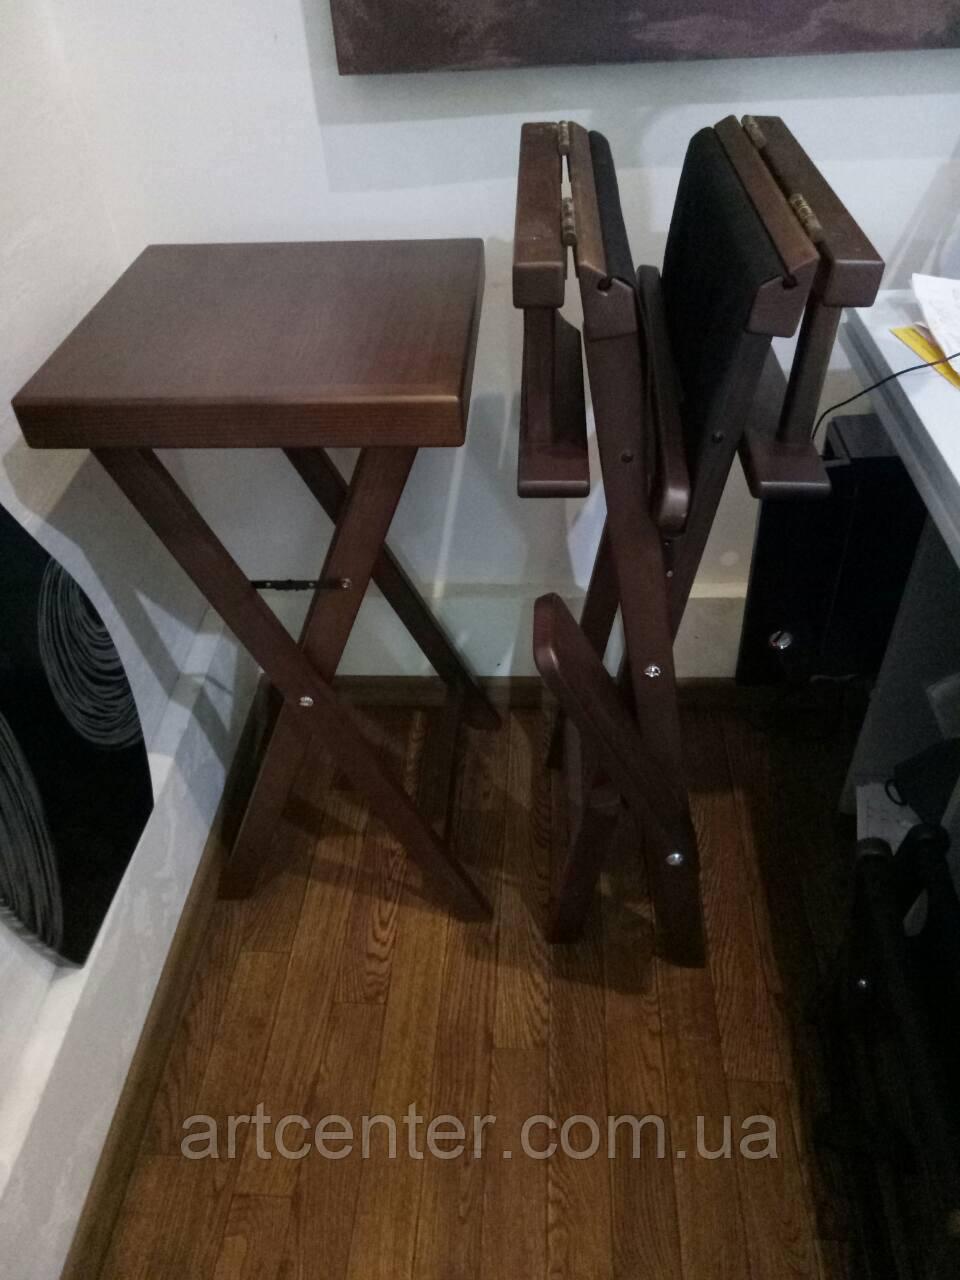 Стол кофейный, столик для кафе из дерева